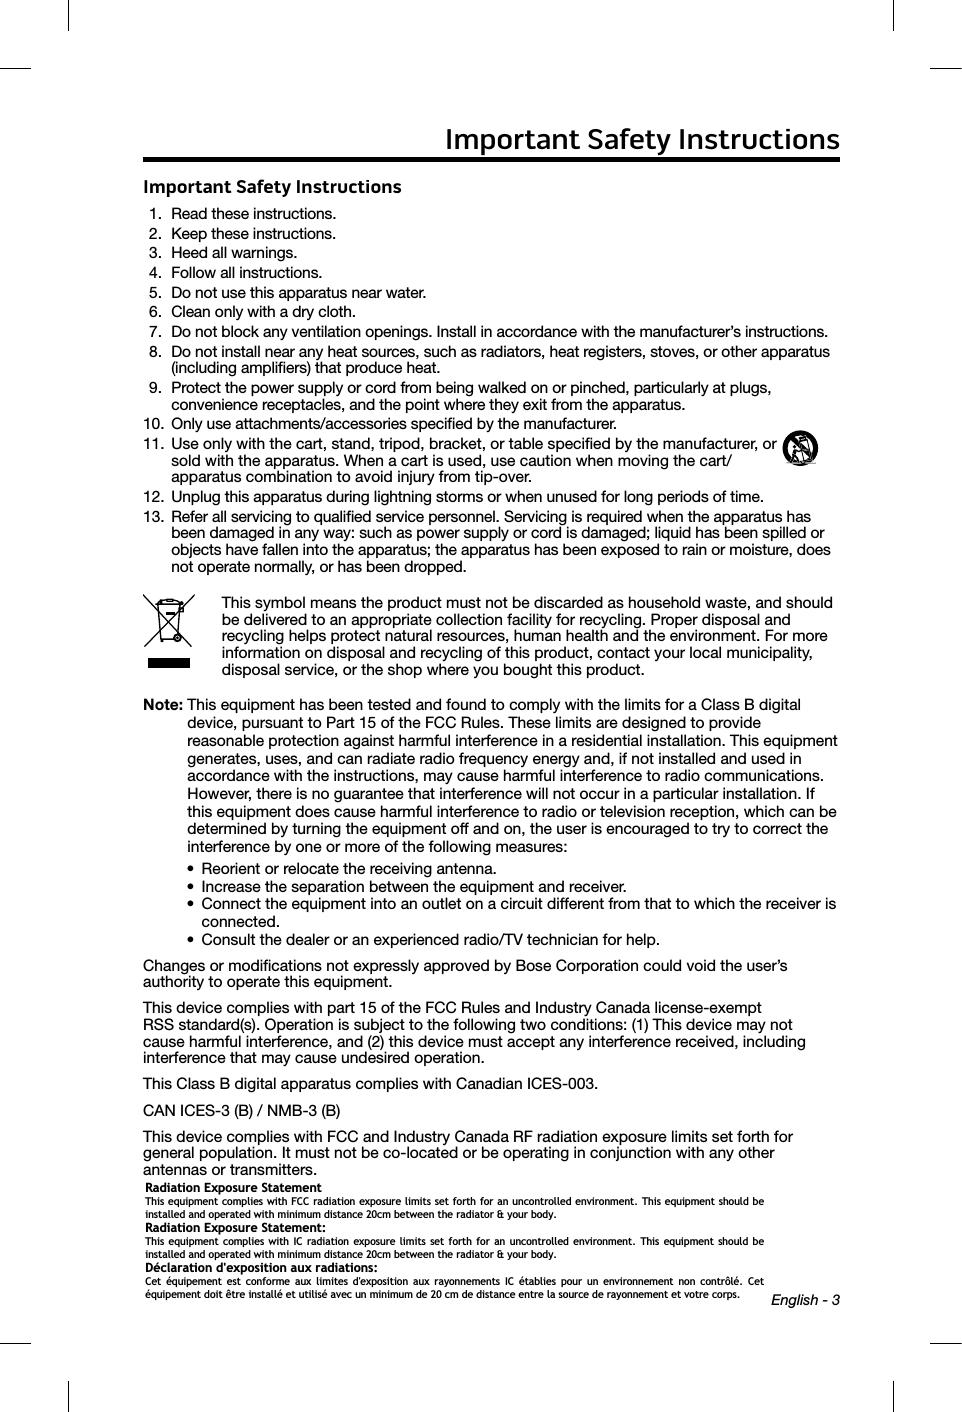 bose model 418775 instruction manual